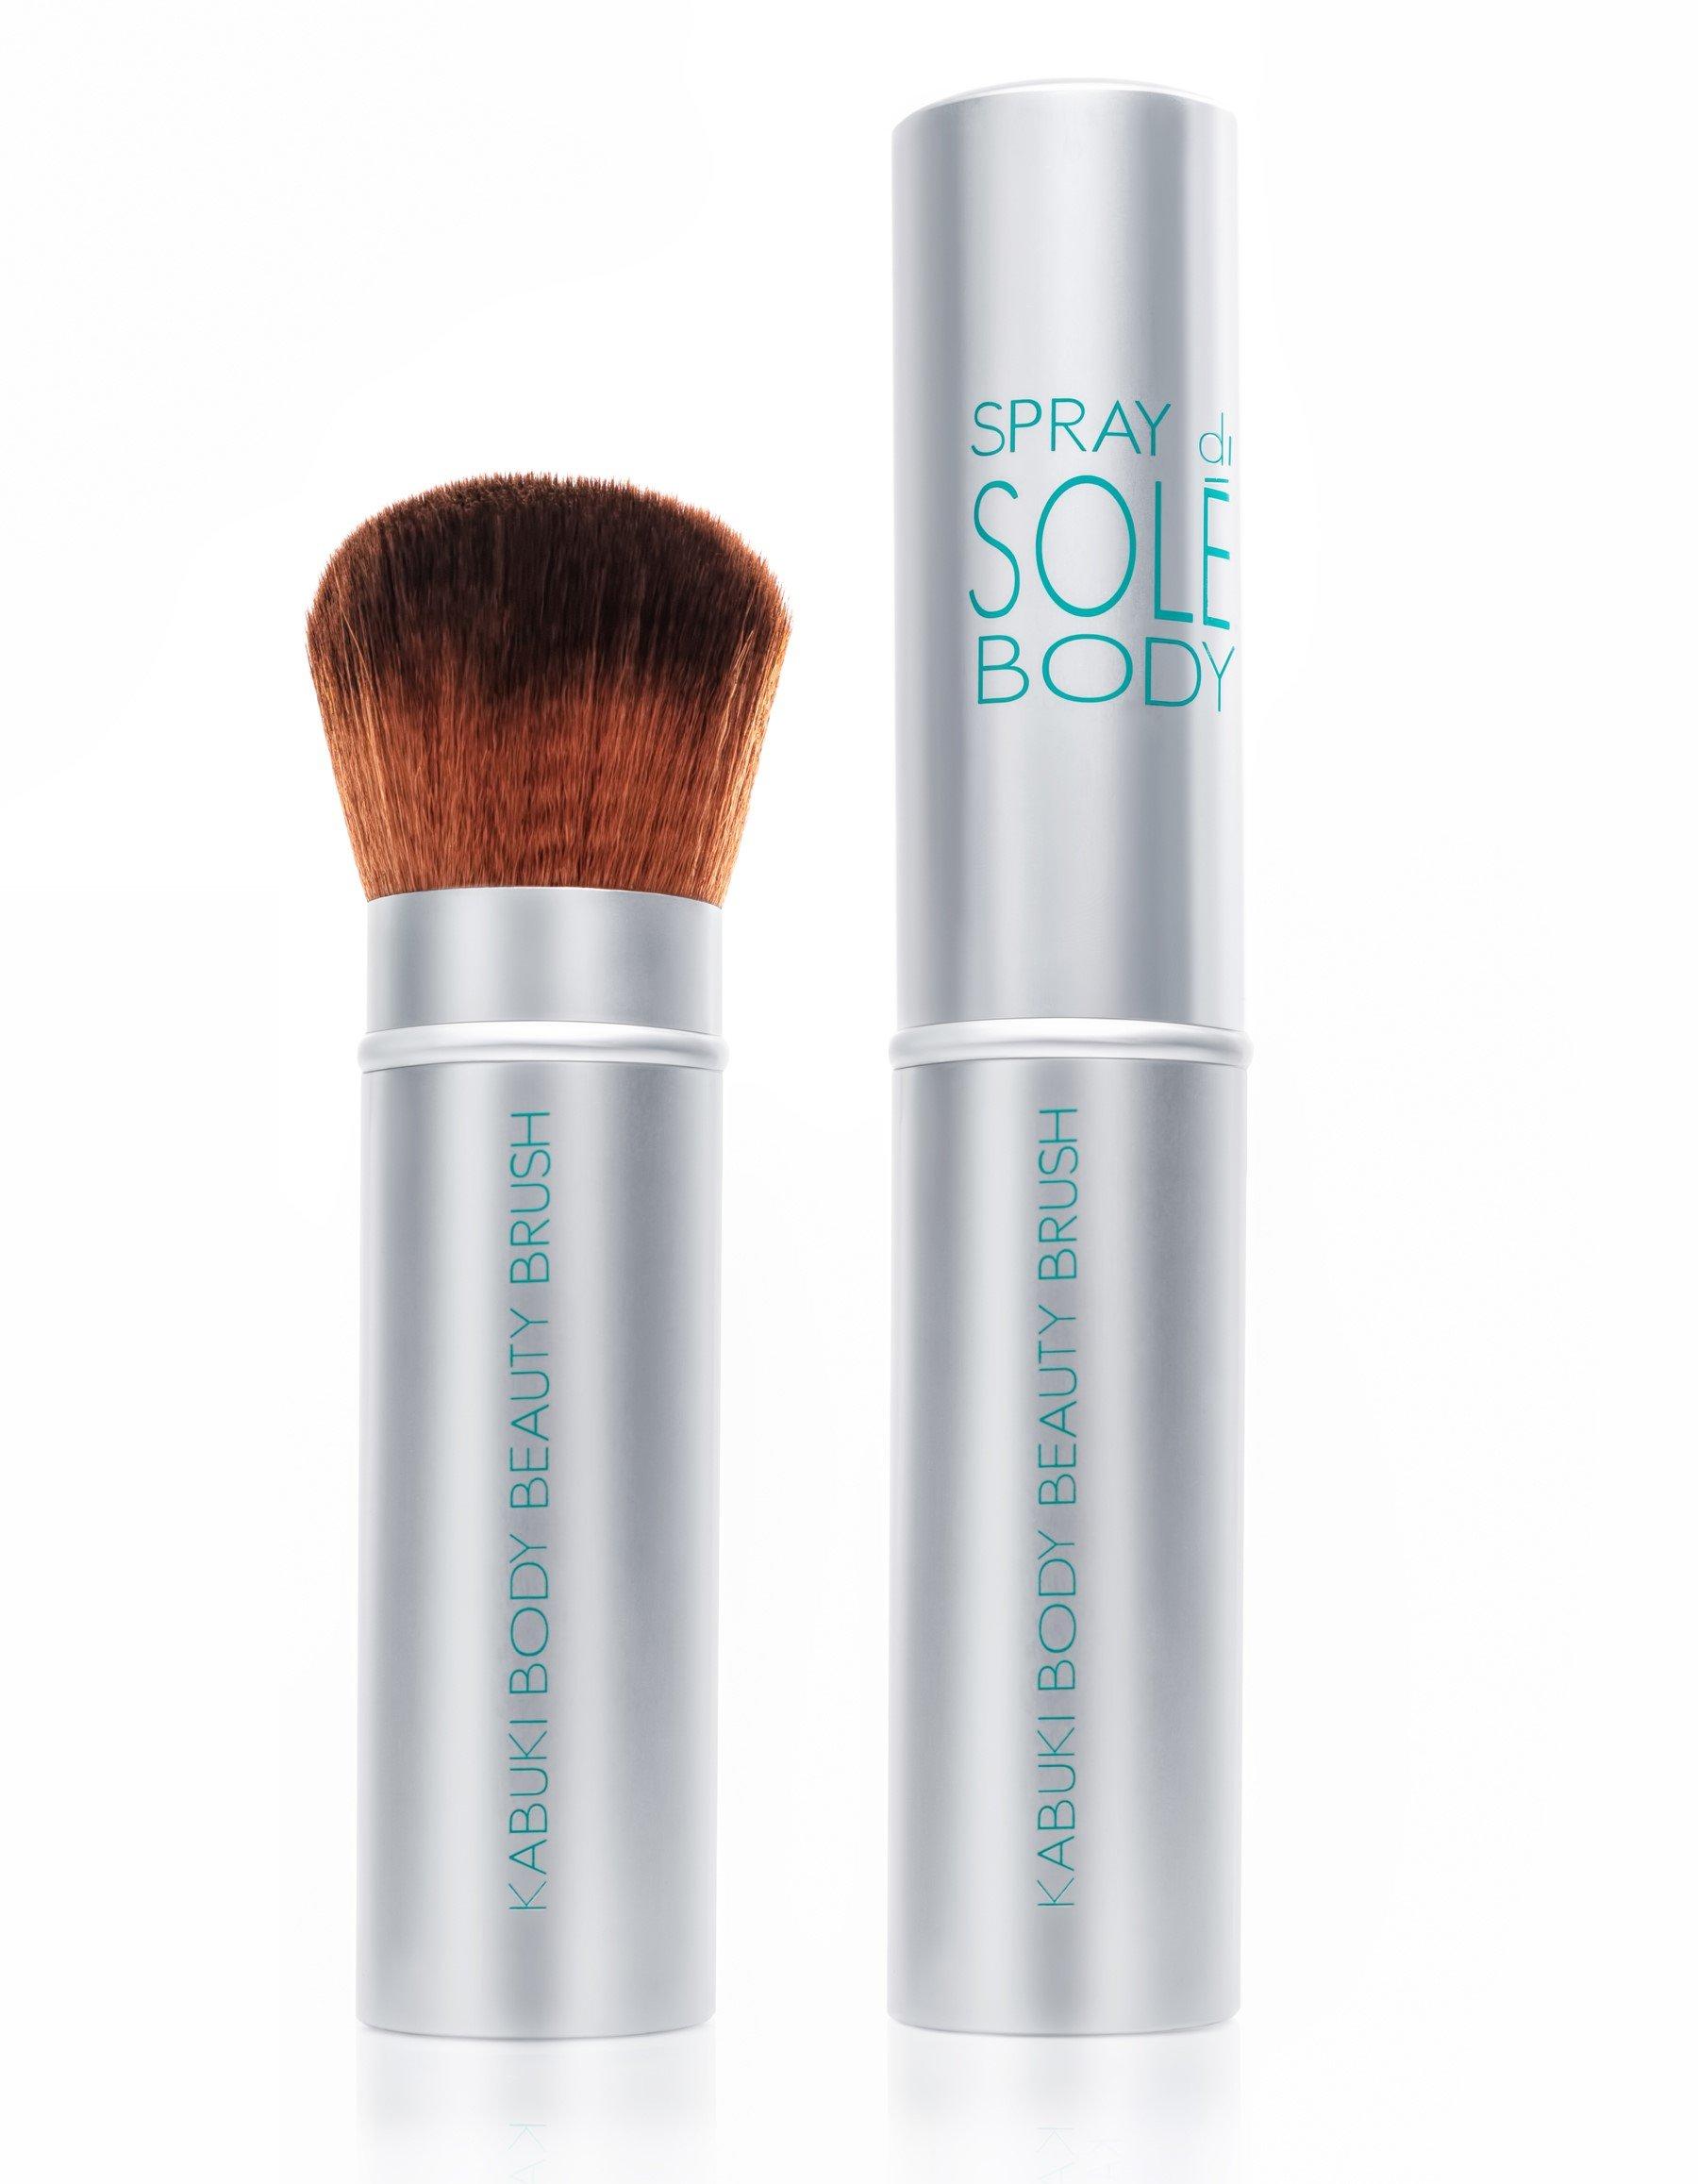 Spray di Sole - Kabuki Face & Body Beauty Brush